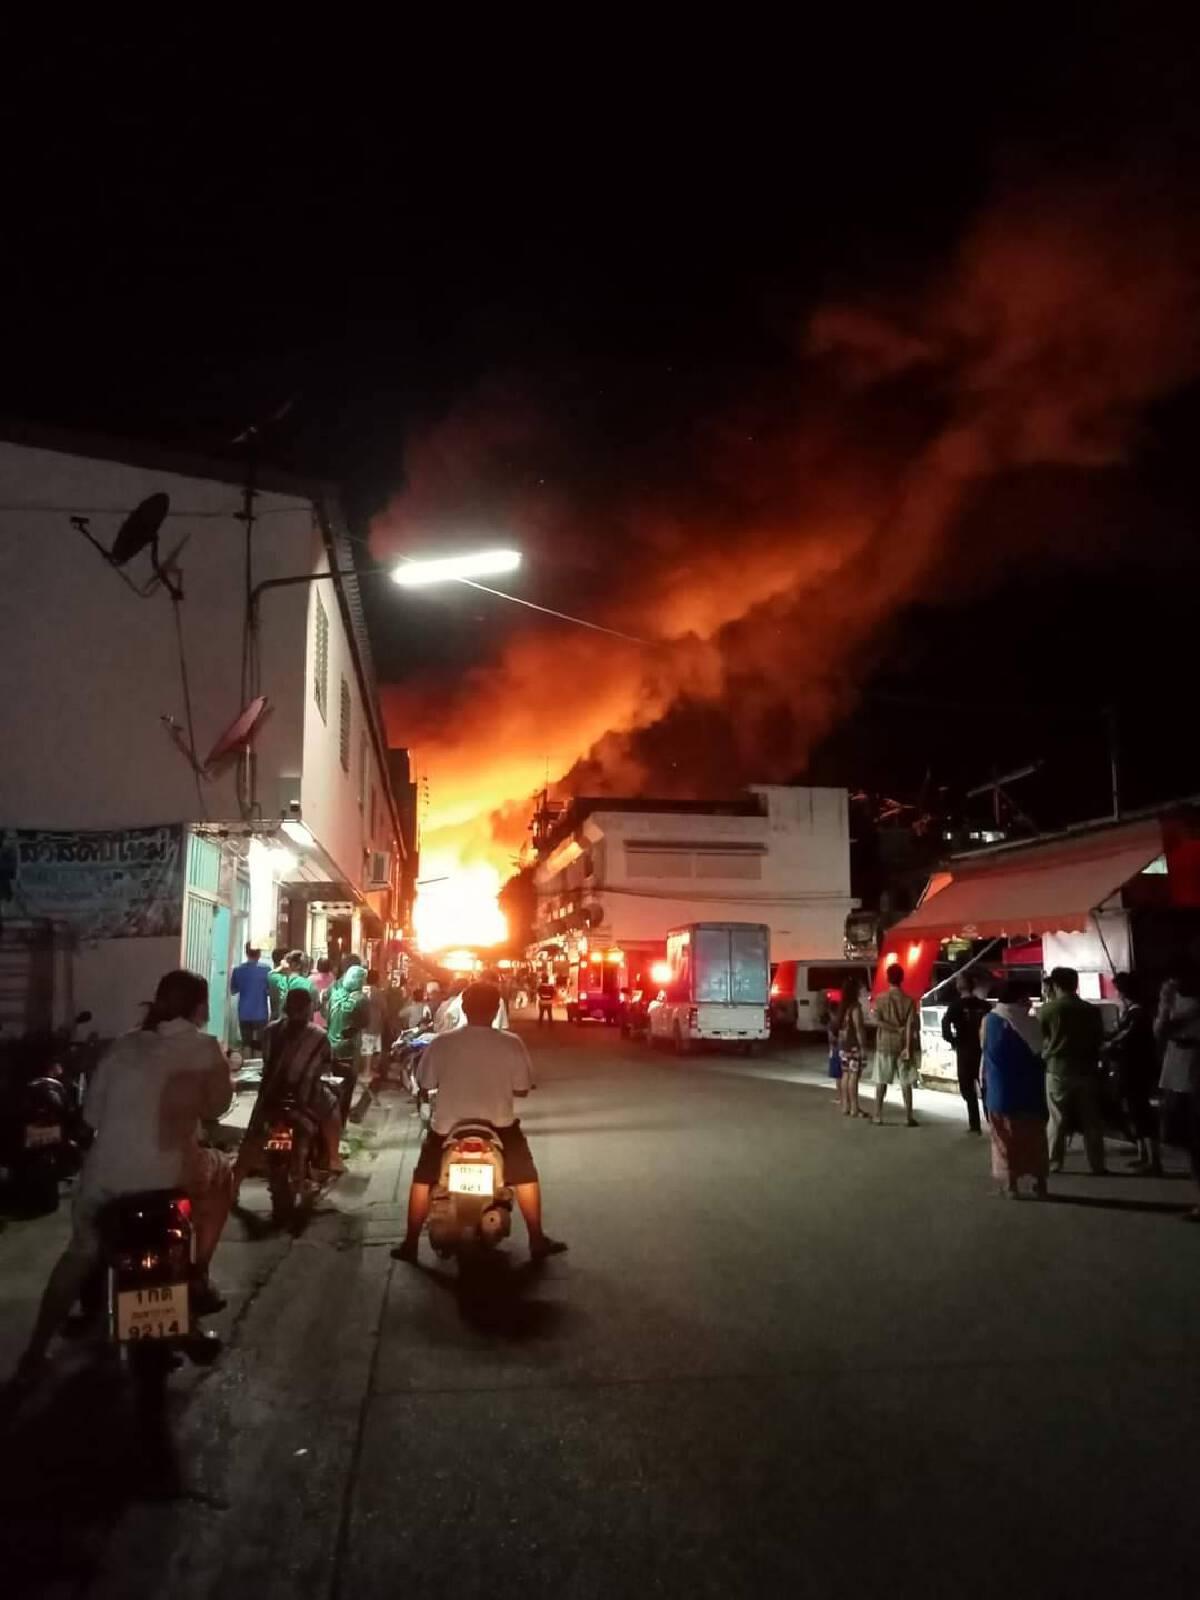 ผู้ว่าสมุทรสาคร เผย ไฟไหม้ ตลาด 100 ปี บ้านแพ้ว สามารถควบคุมเพลิงได้แล้ว